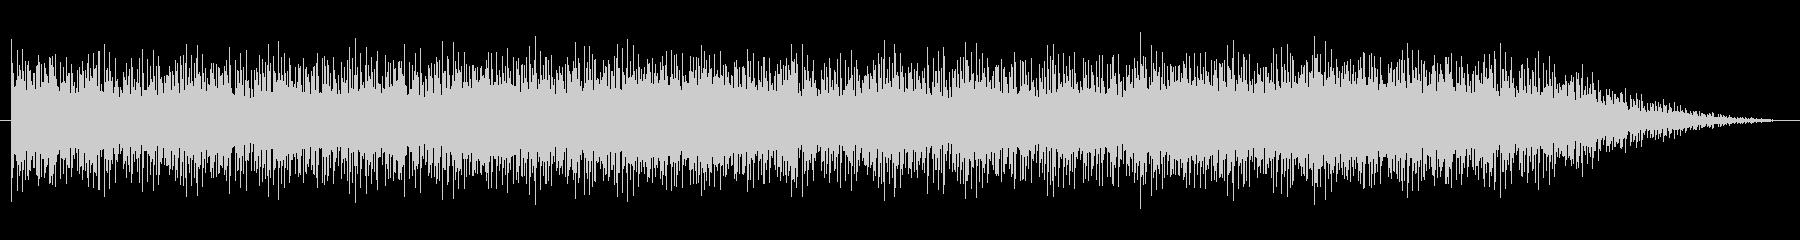 Short BGM: Serious, Endogenous 01's unreproduced waveform